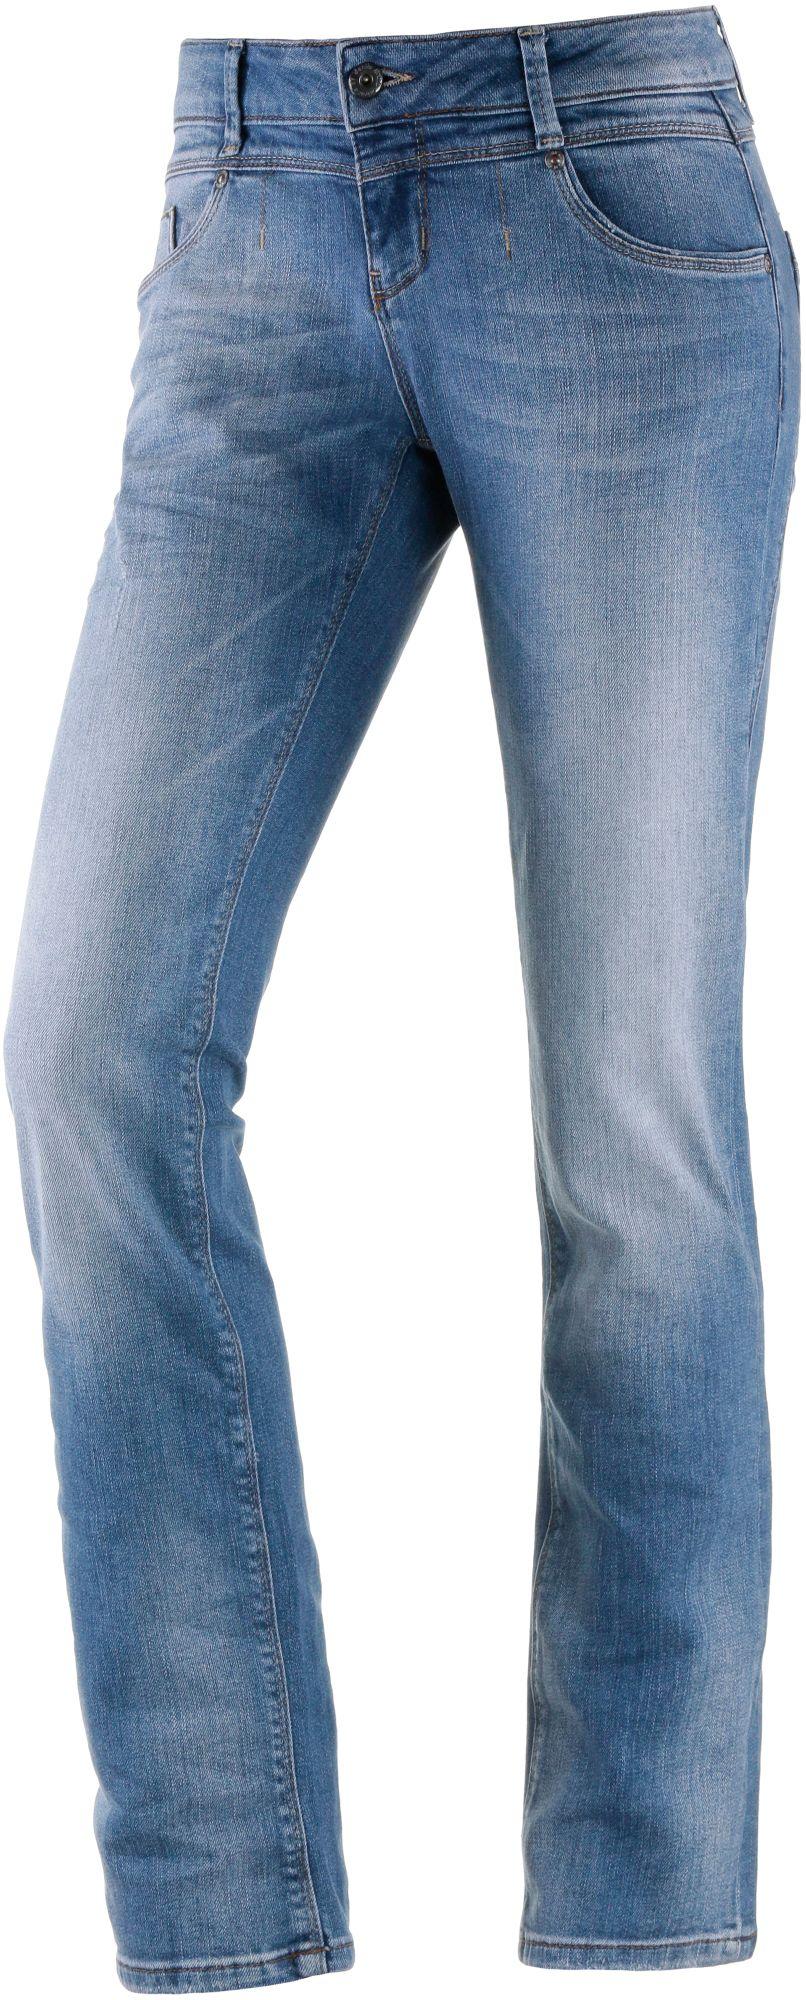 Rea Straight Fit Jeans Damen in blau, Größe 27 / 32